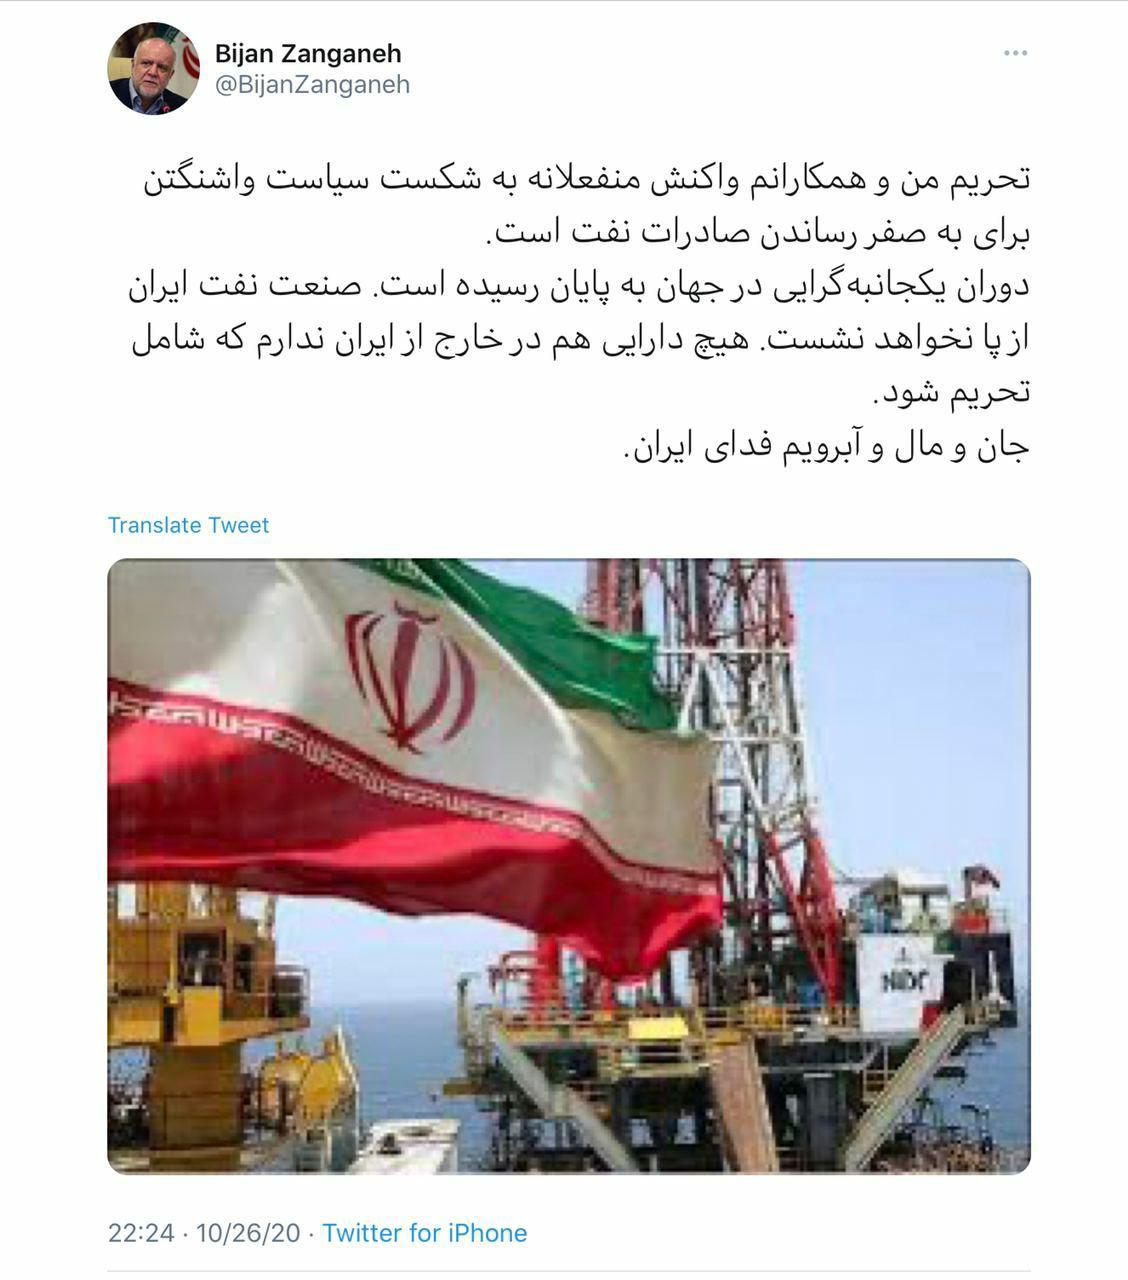 صنعت نفت ایران از پا نخواهد نشست/ هیچ دارایی در خارج ندارم که شامل تحریم شود